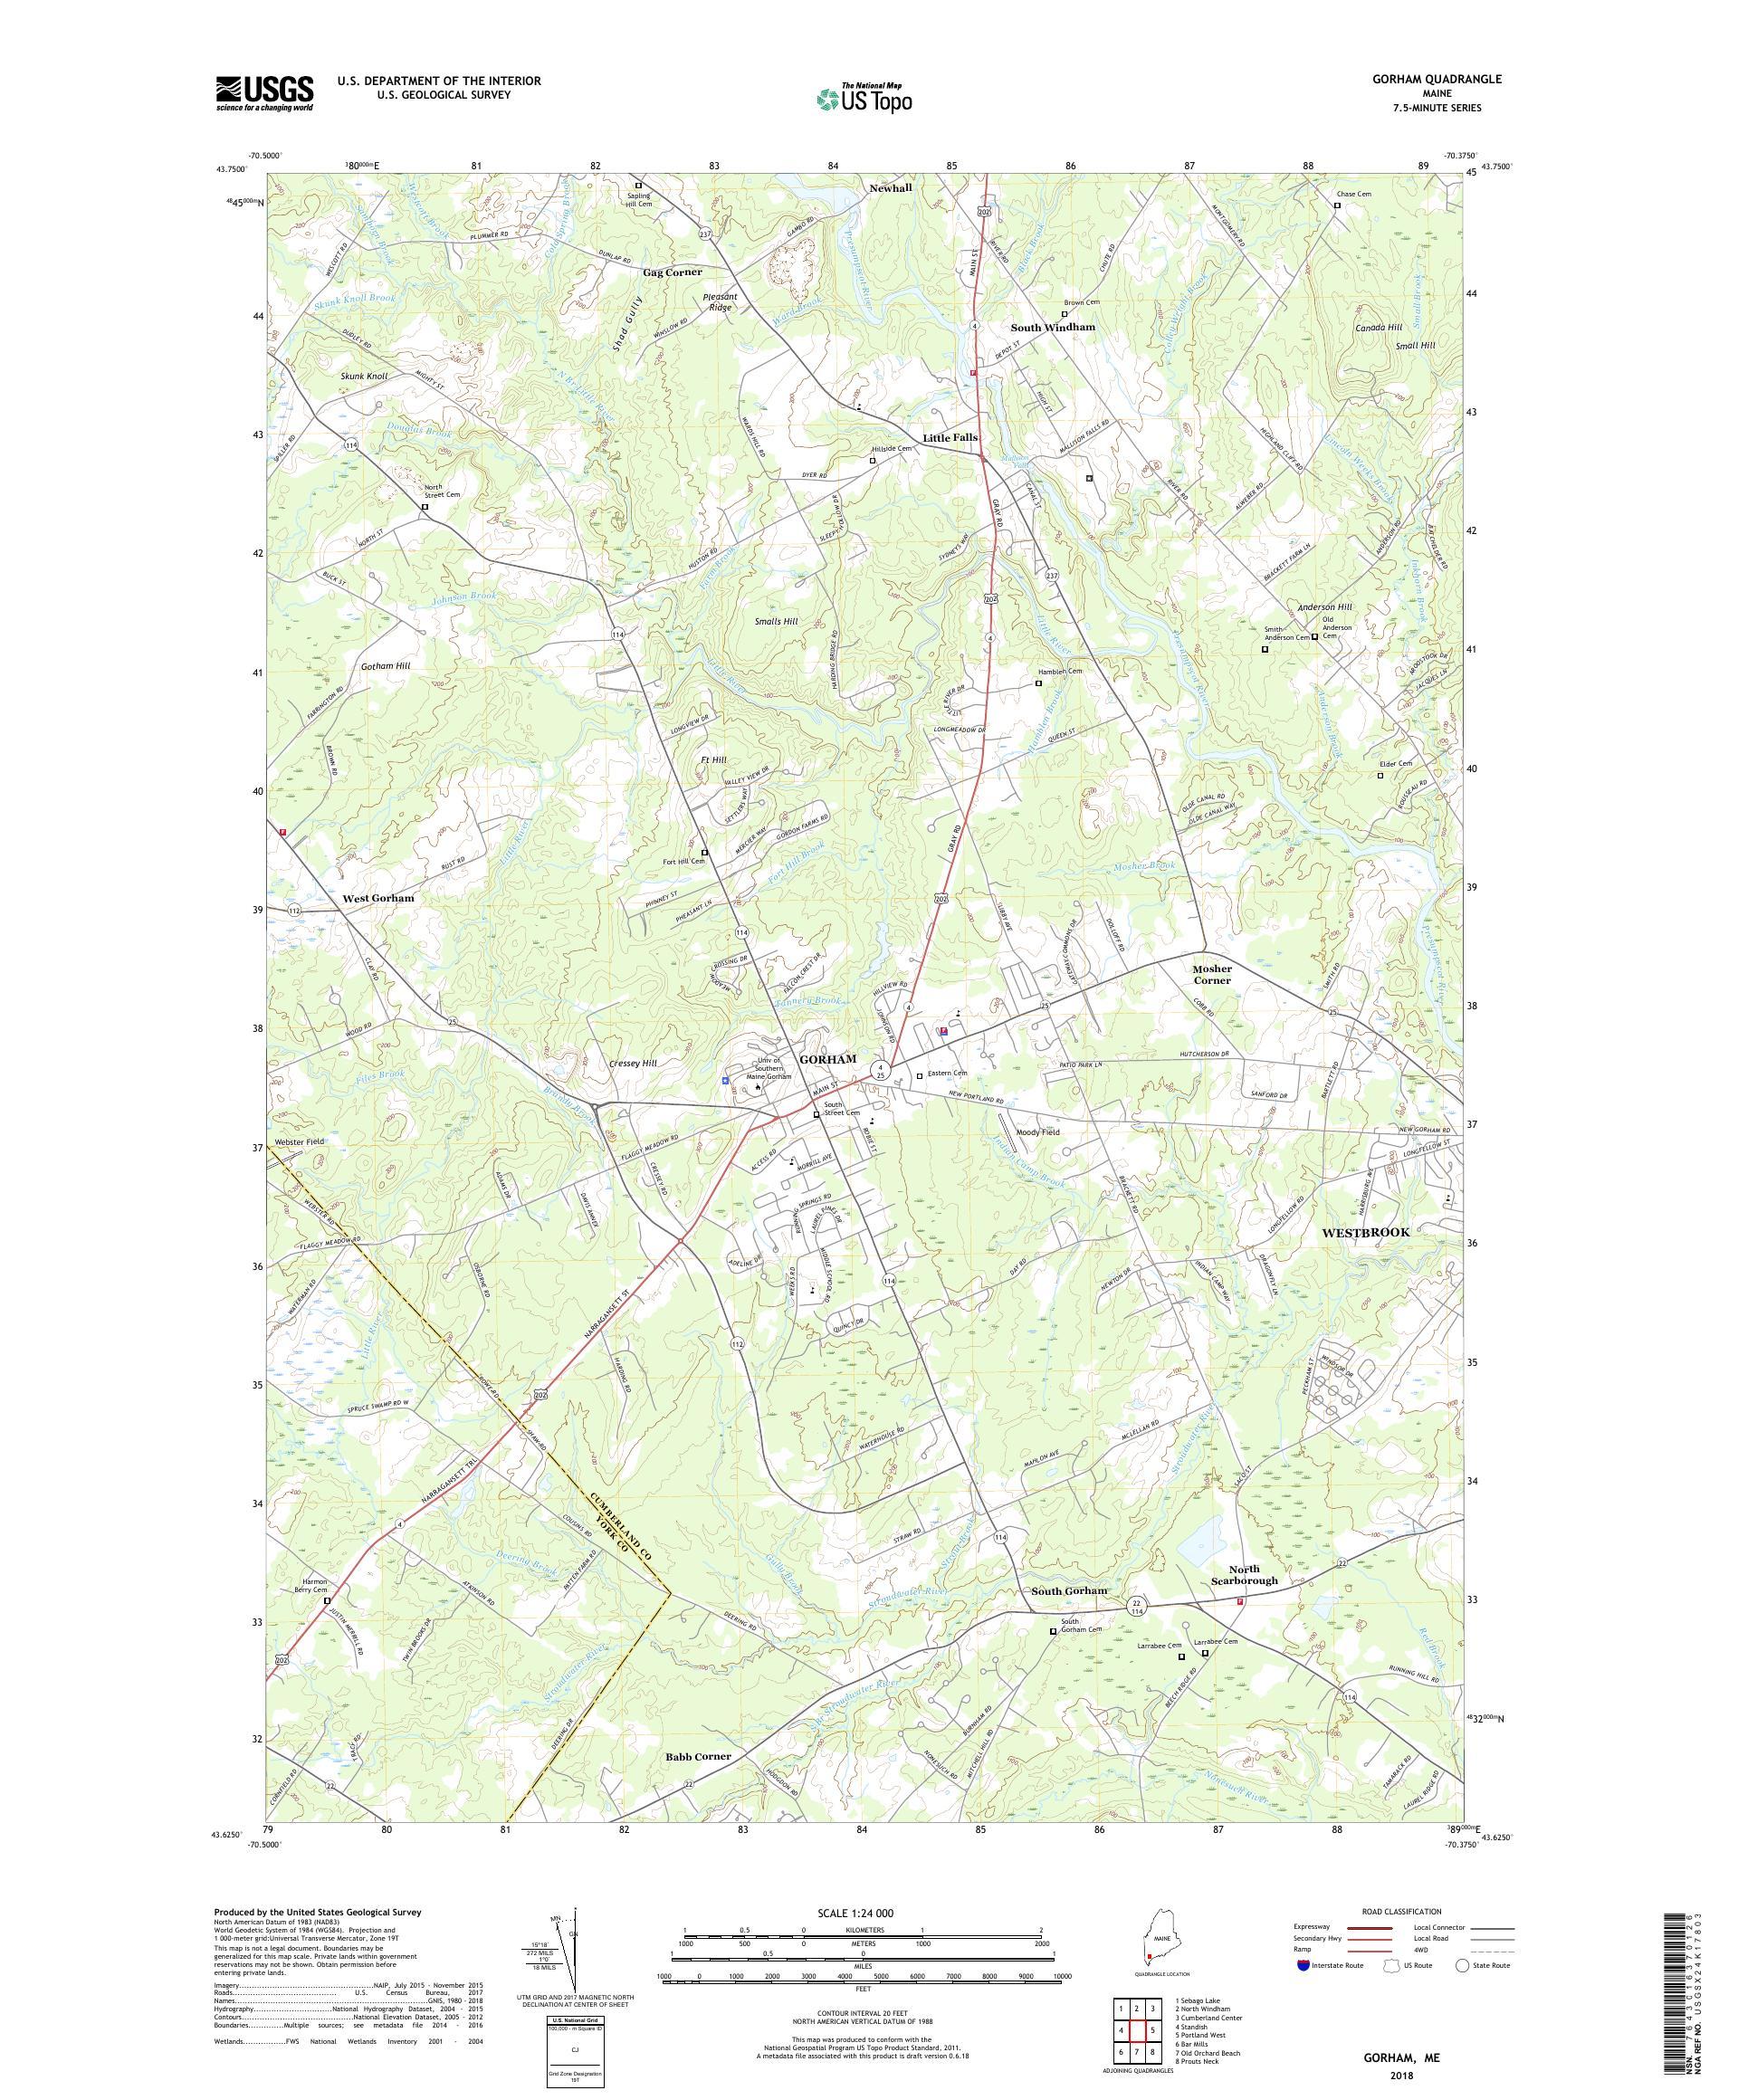 MyTopo Gorham, Maine USGS Quad Topo Map